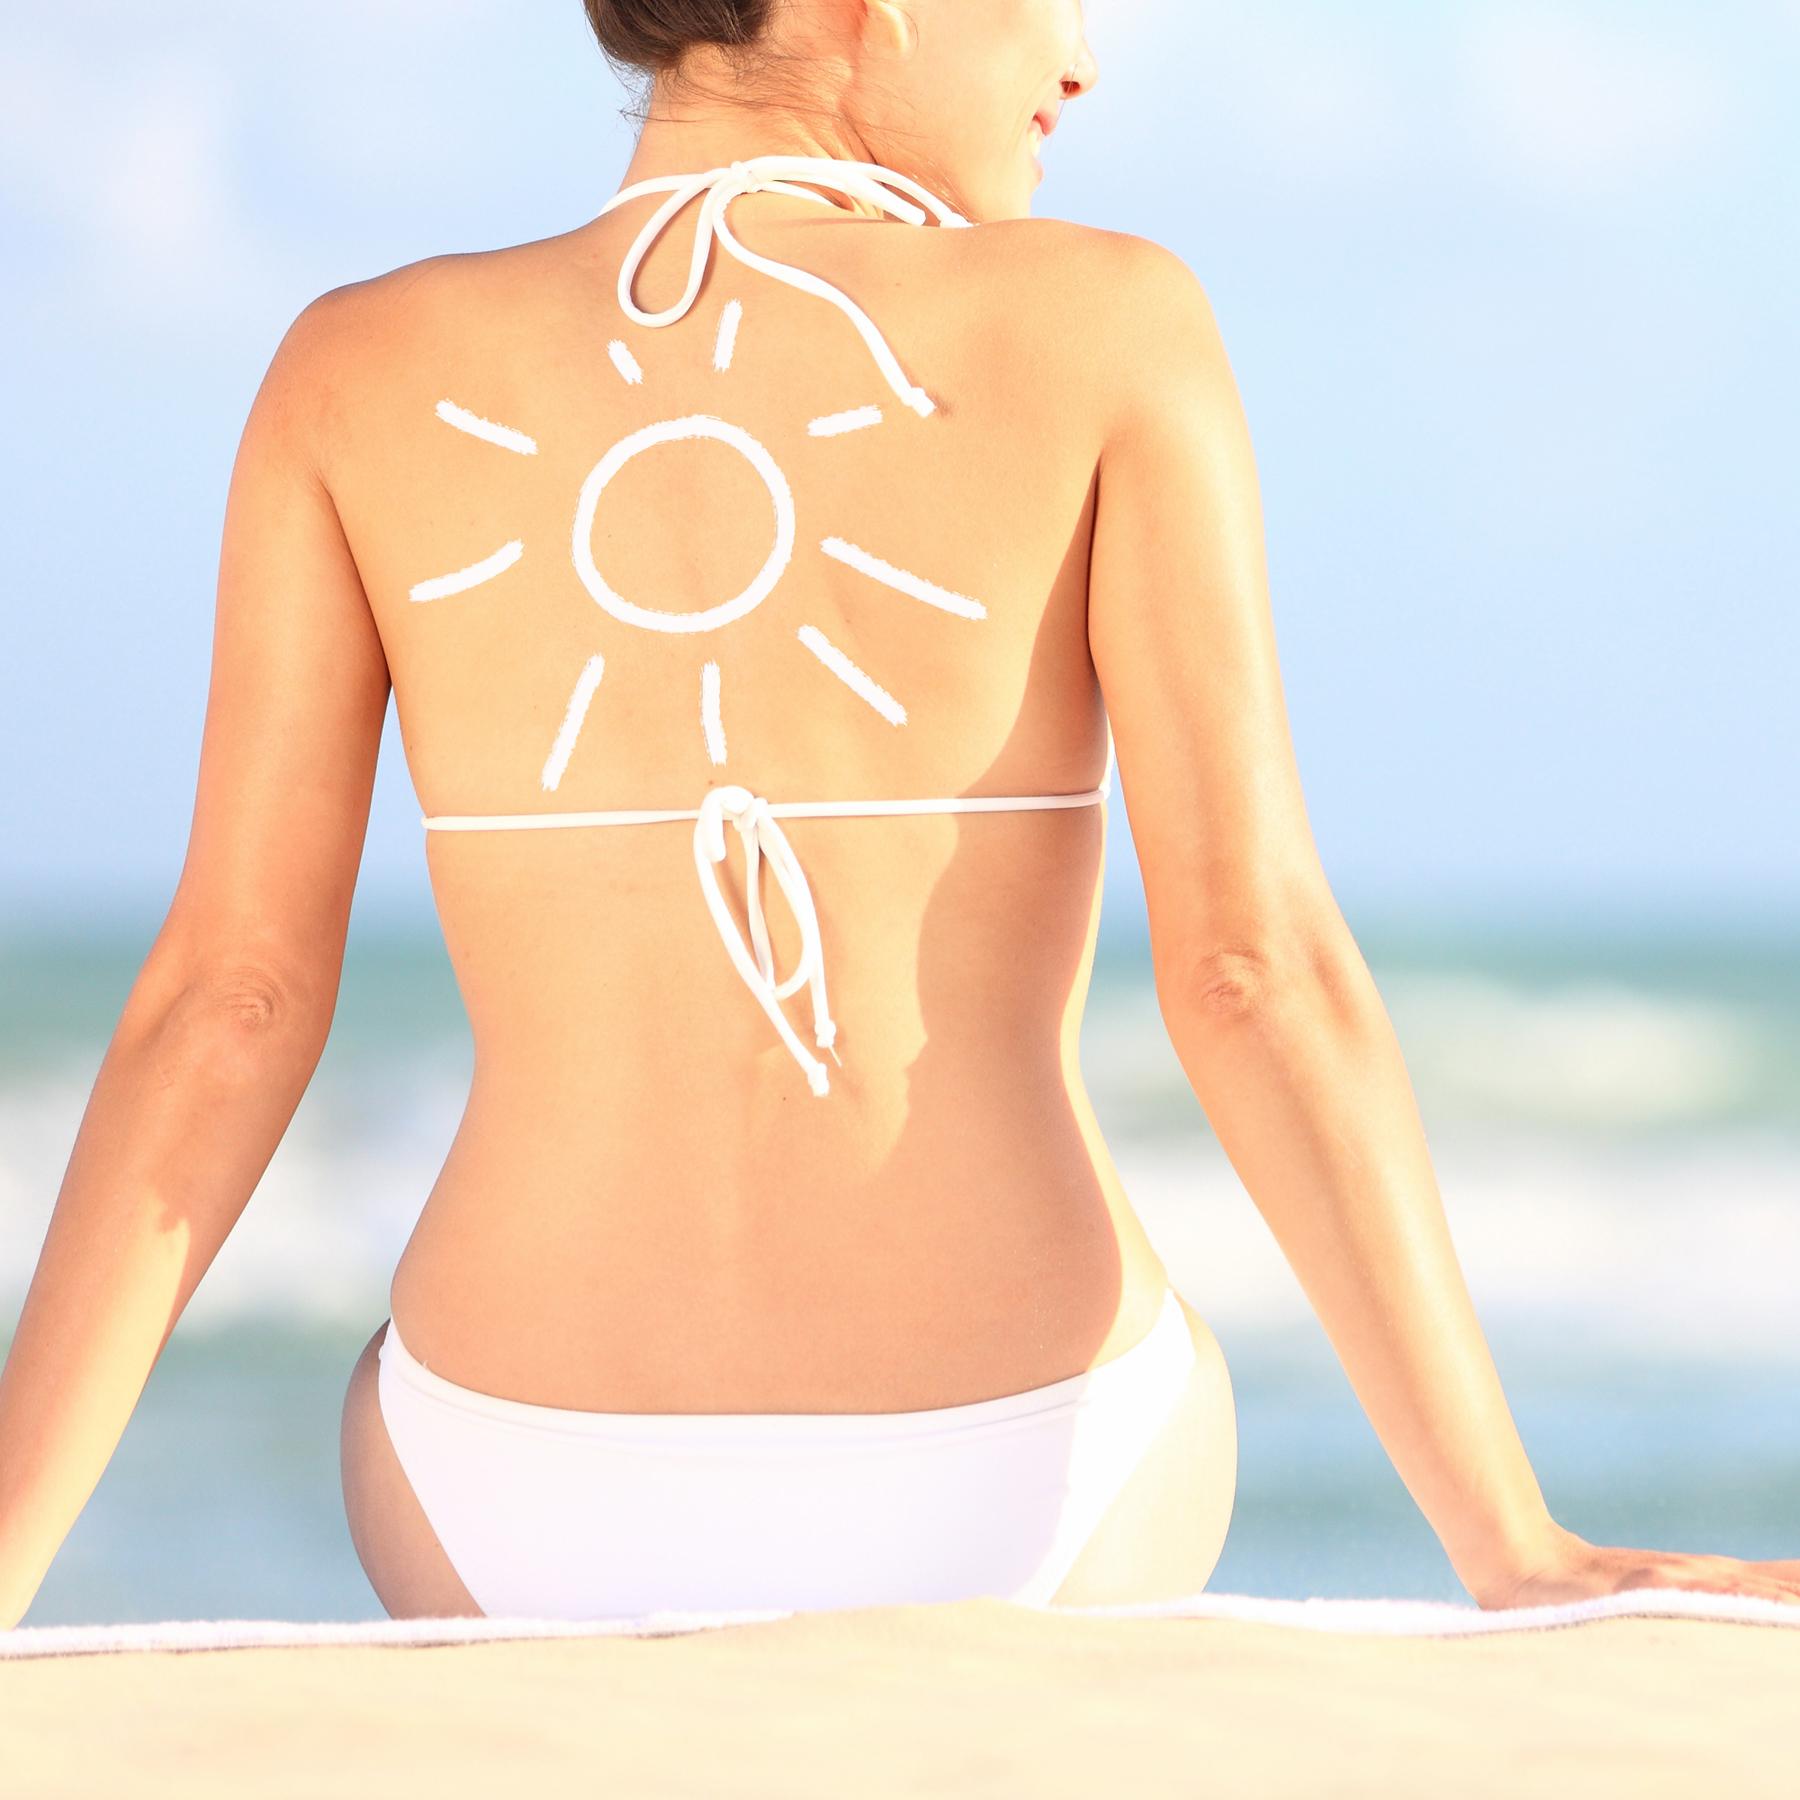 Multicarotene, per preparare la pelle al sole